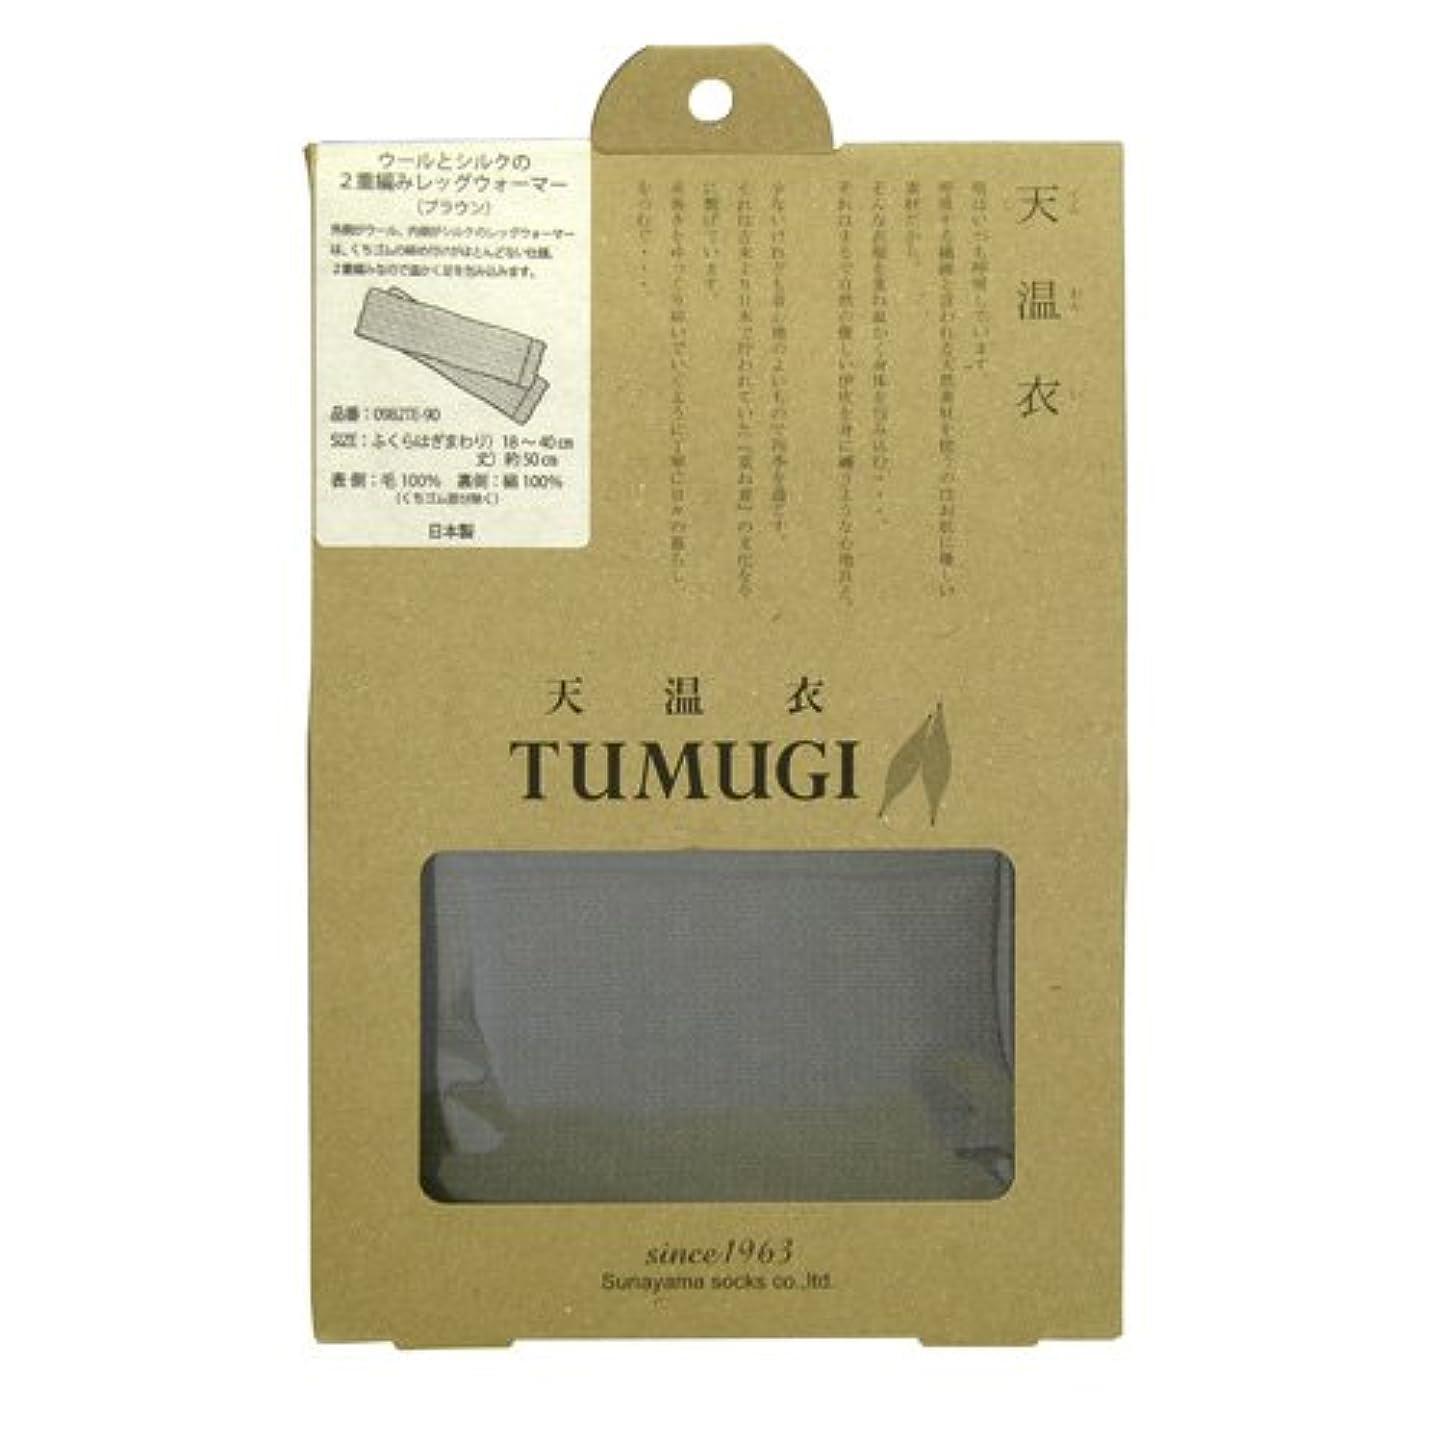 菊必要とするクスコ砂山靴下 TUMUGI ウールと砂山靴下 シルクの2重編みレッグウォーマー ブラウン